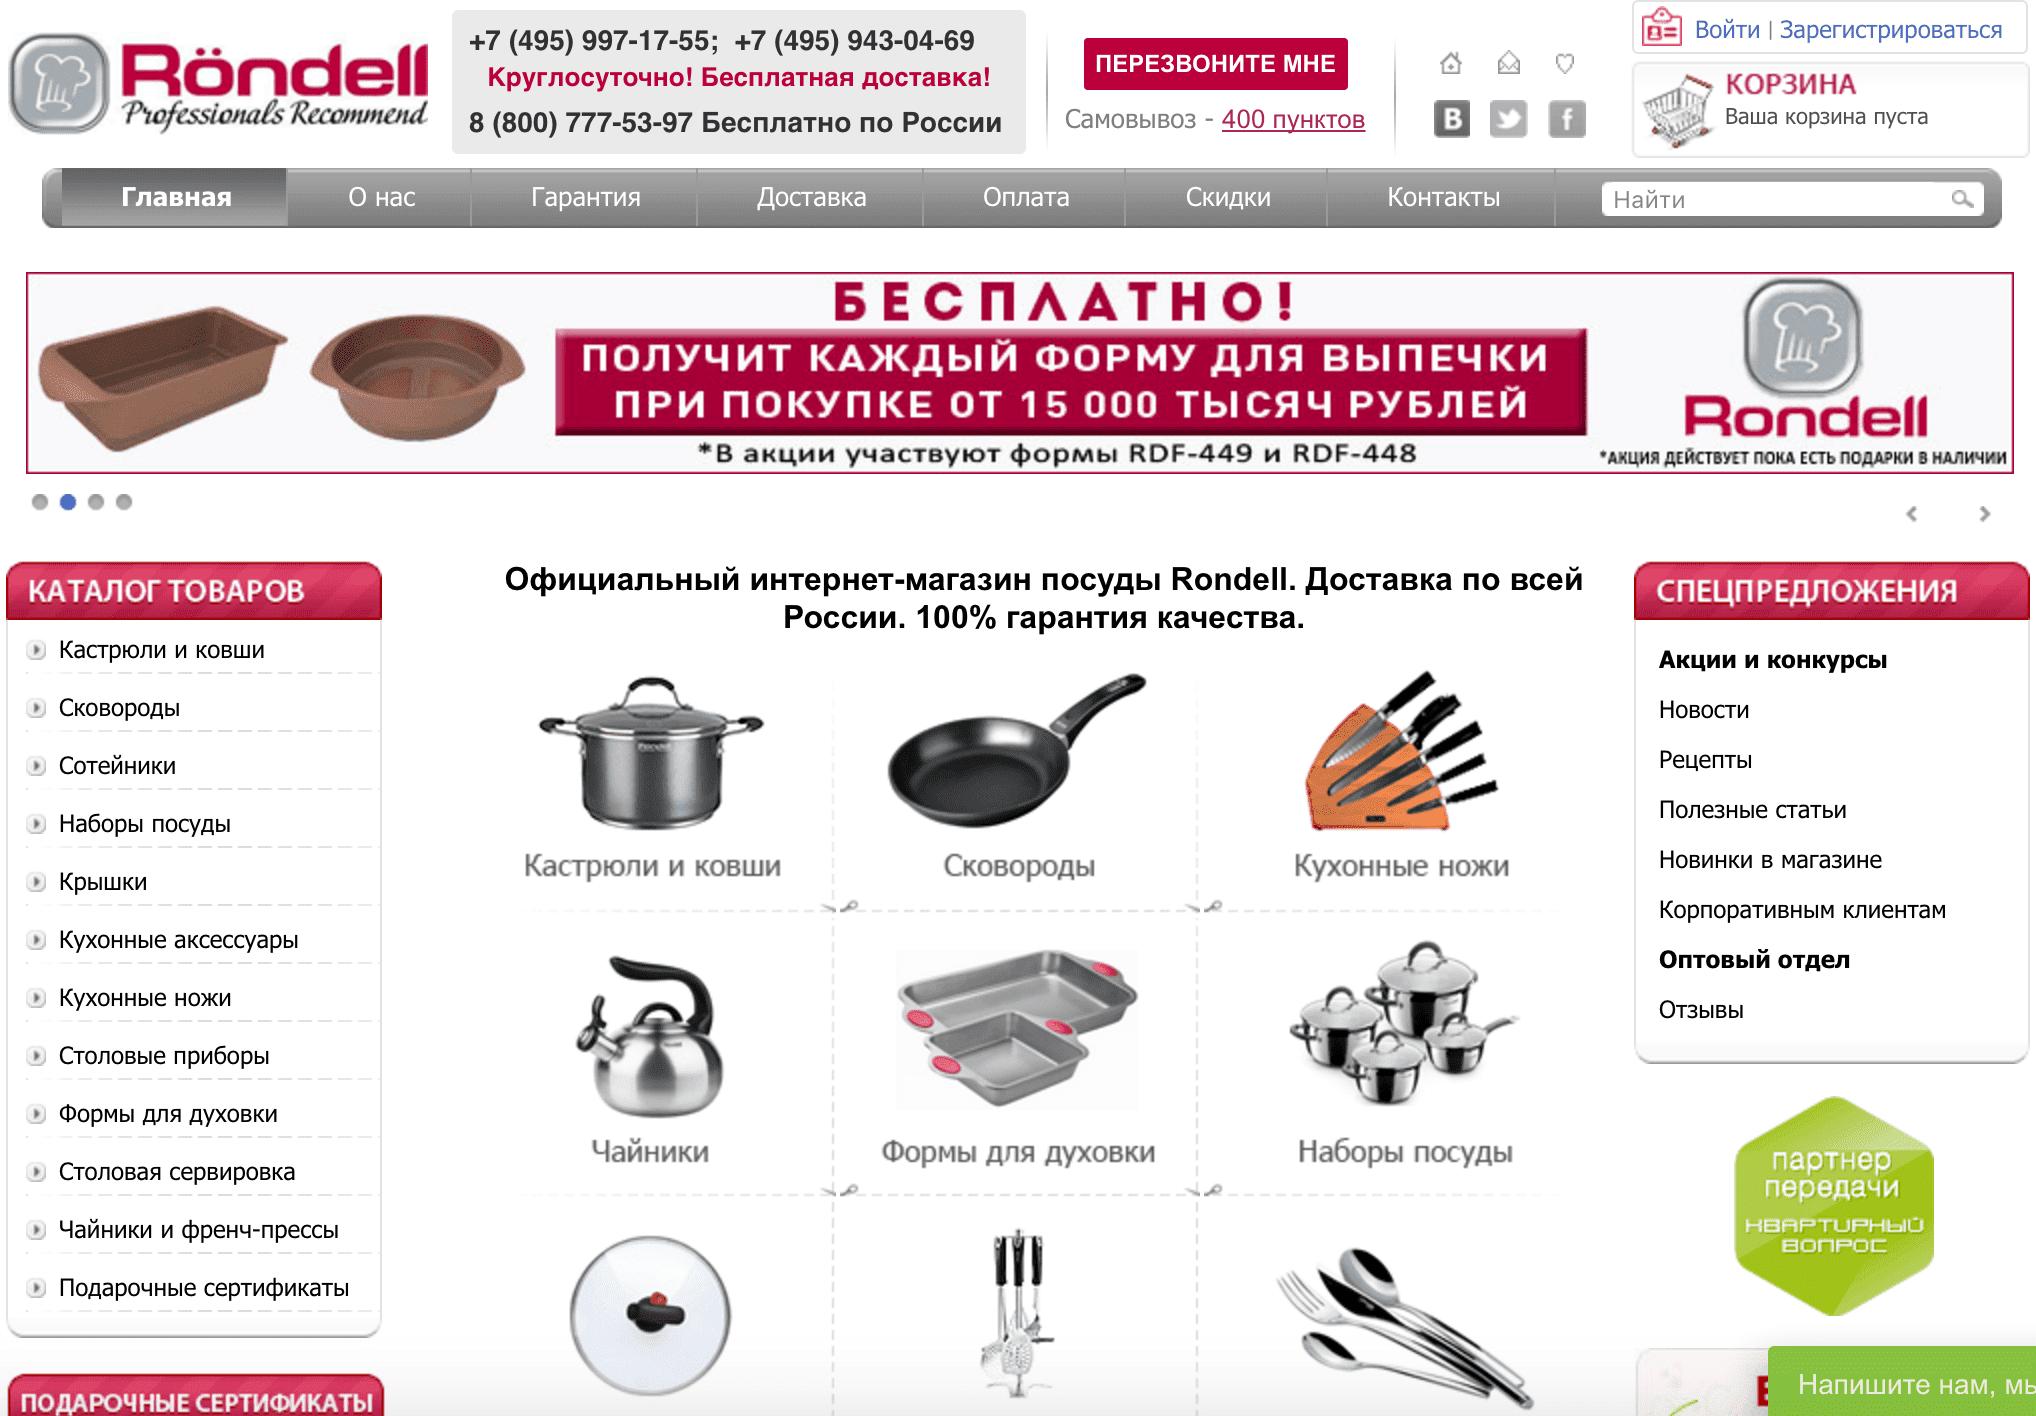 Полный SEO/Юзабилити аудит интернет-магазина посуды - кейс iPapus Agency